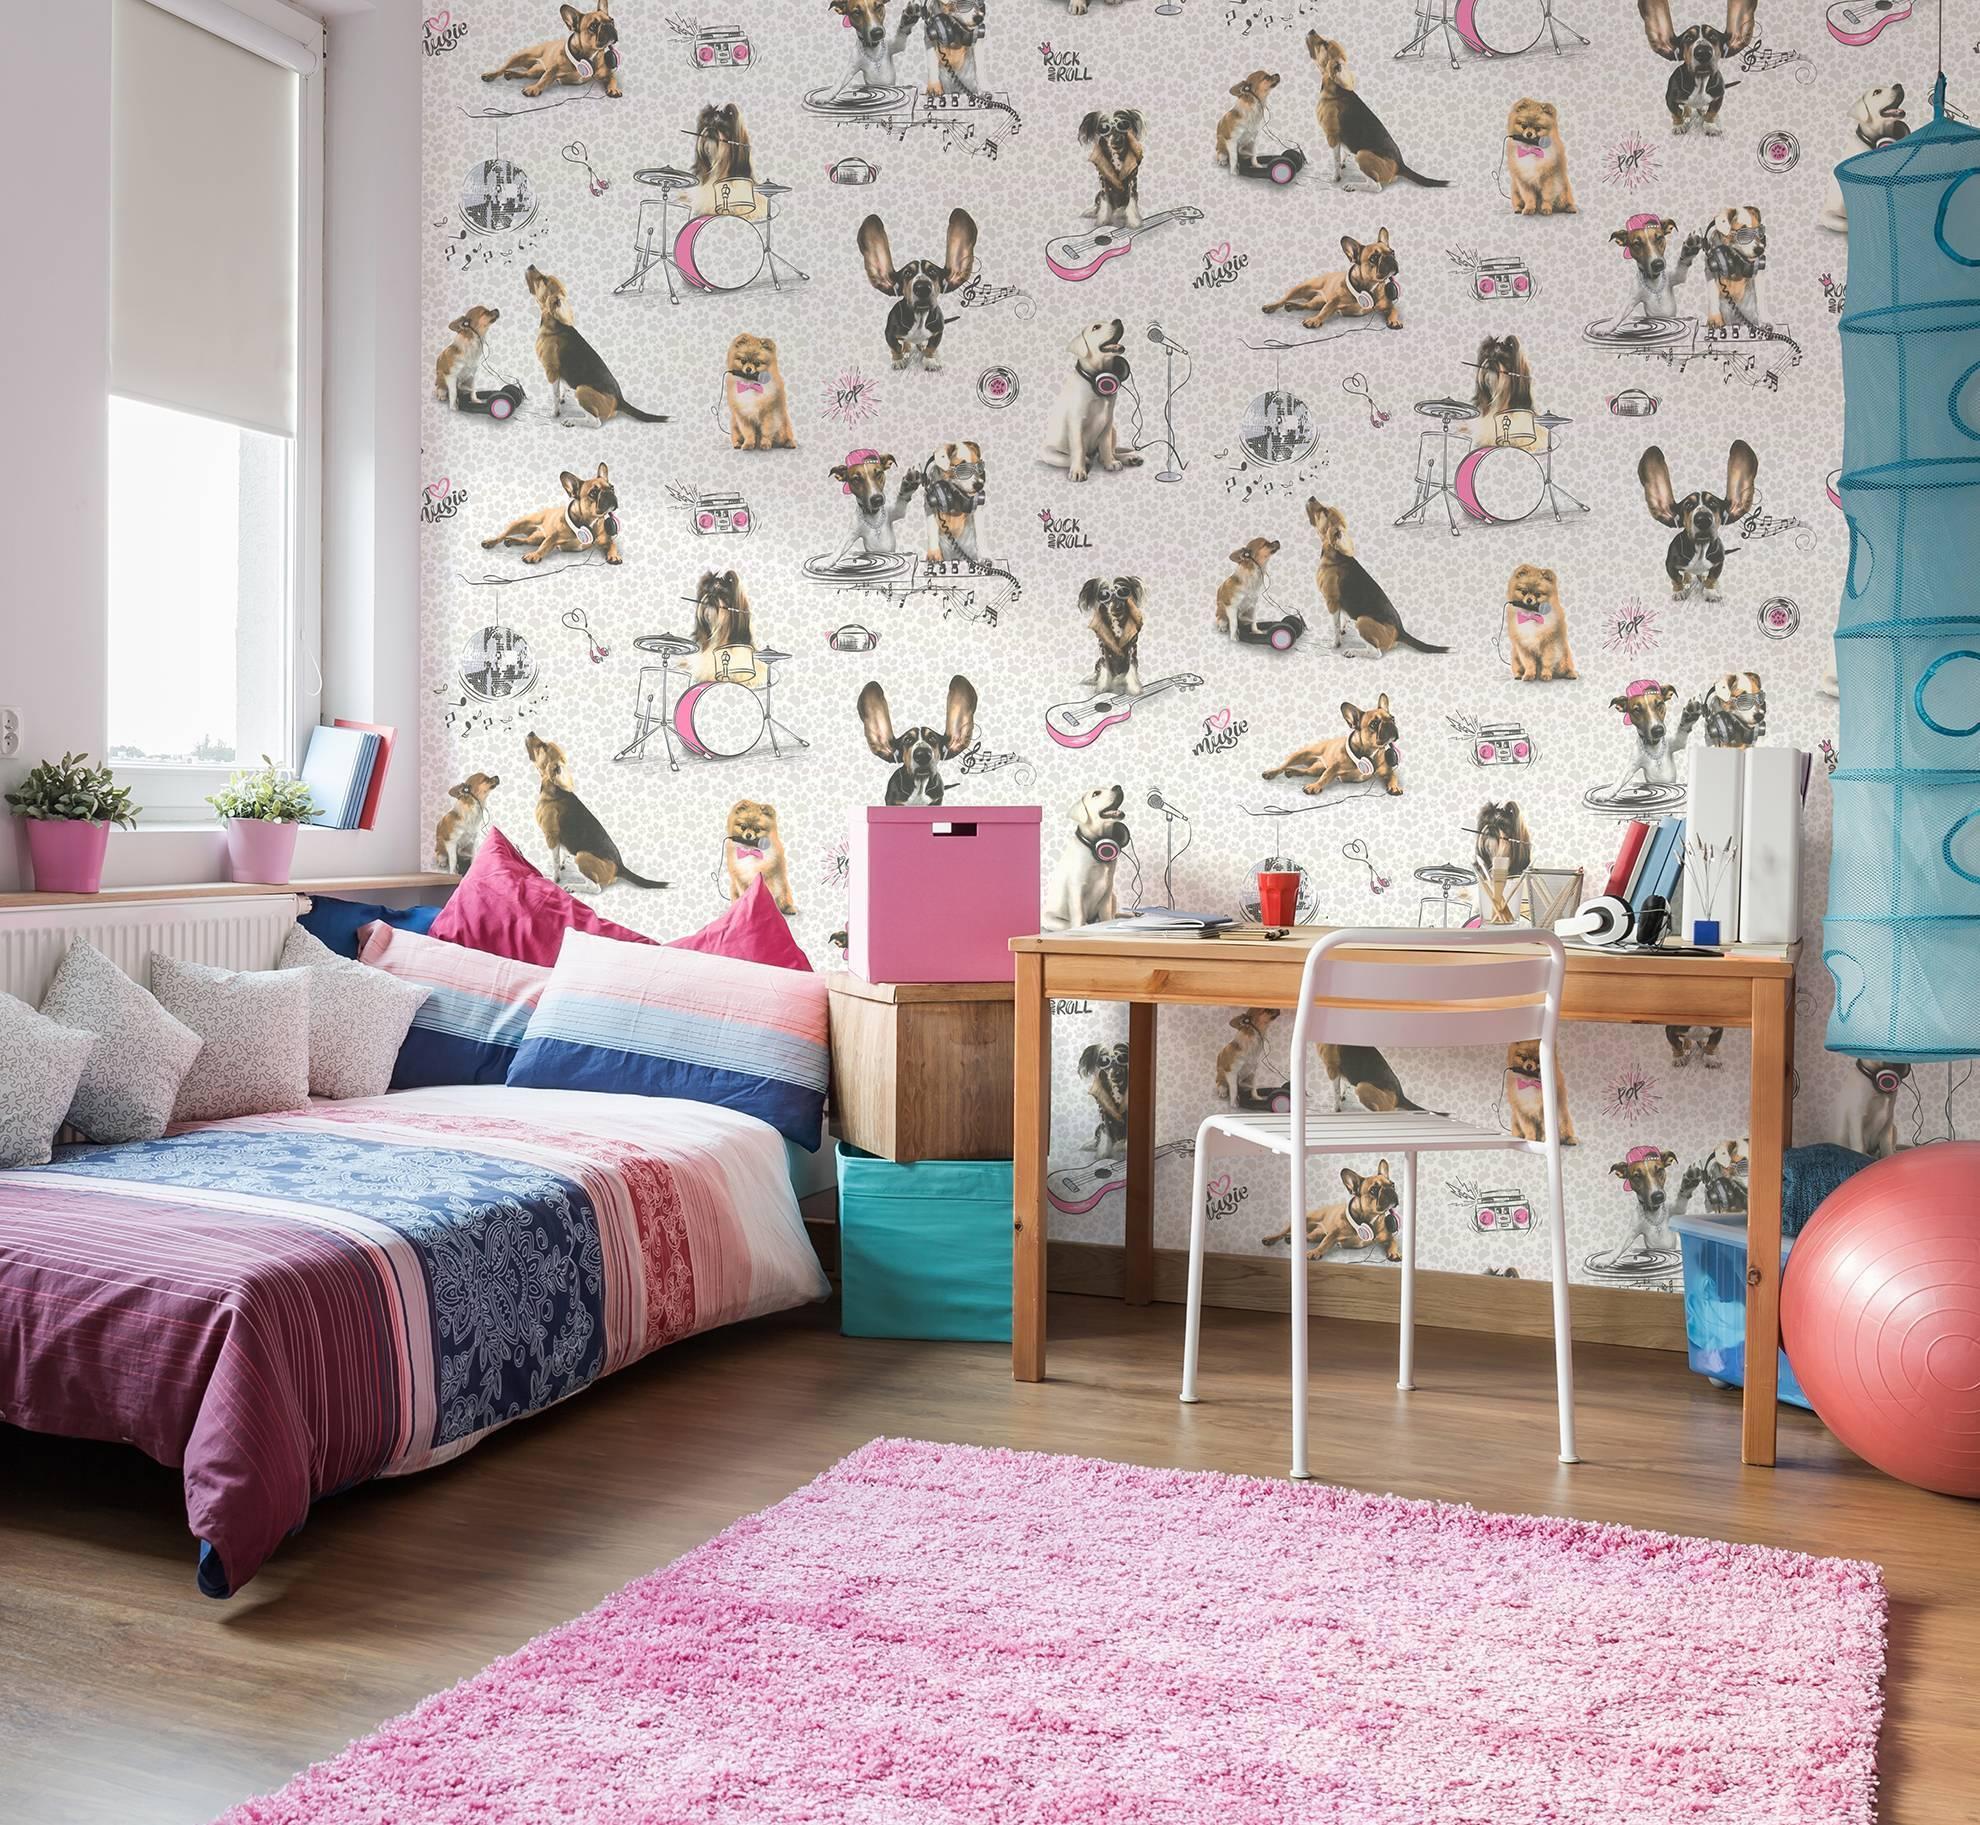 Какие обои выбрать для детской – какие обои лучше в детскую комнату?